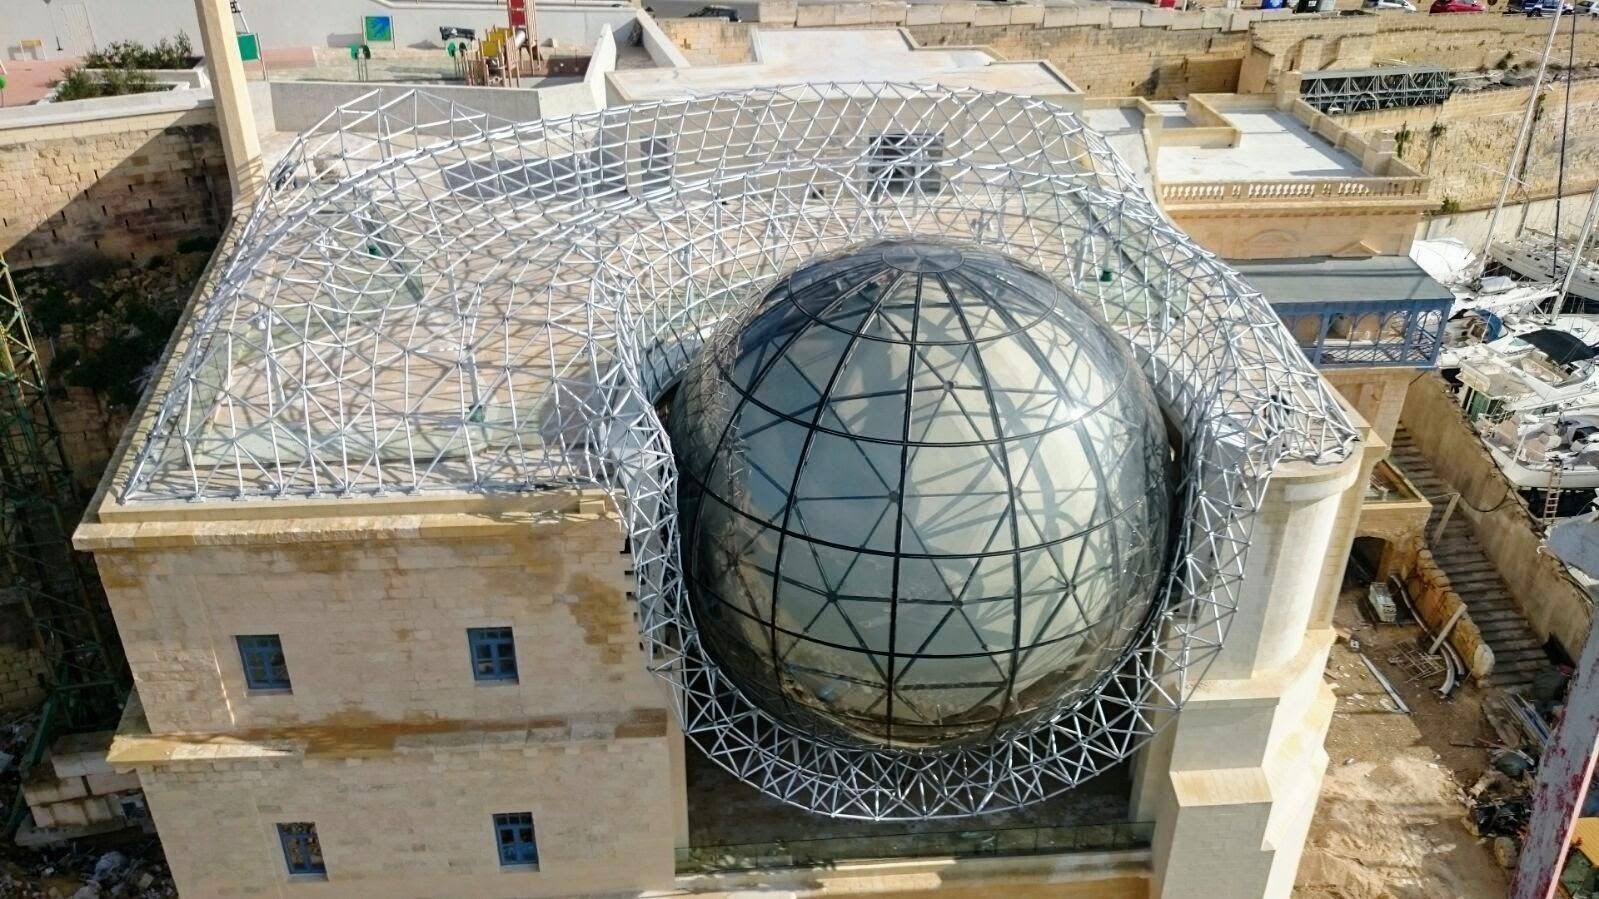 The Esplora Science Museum in Malta.